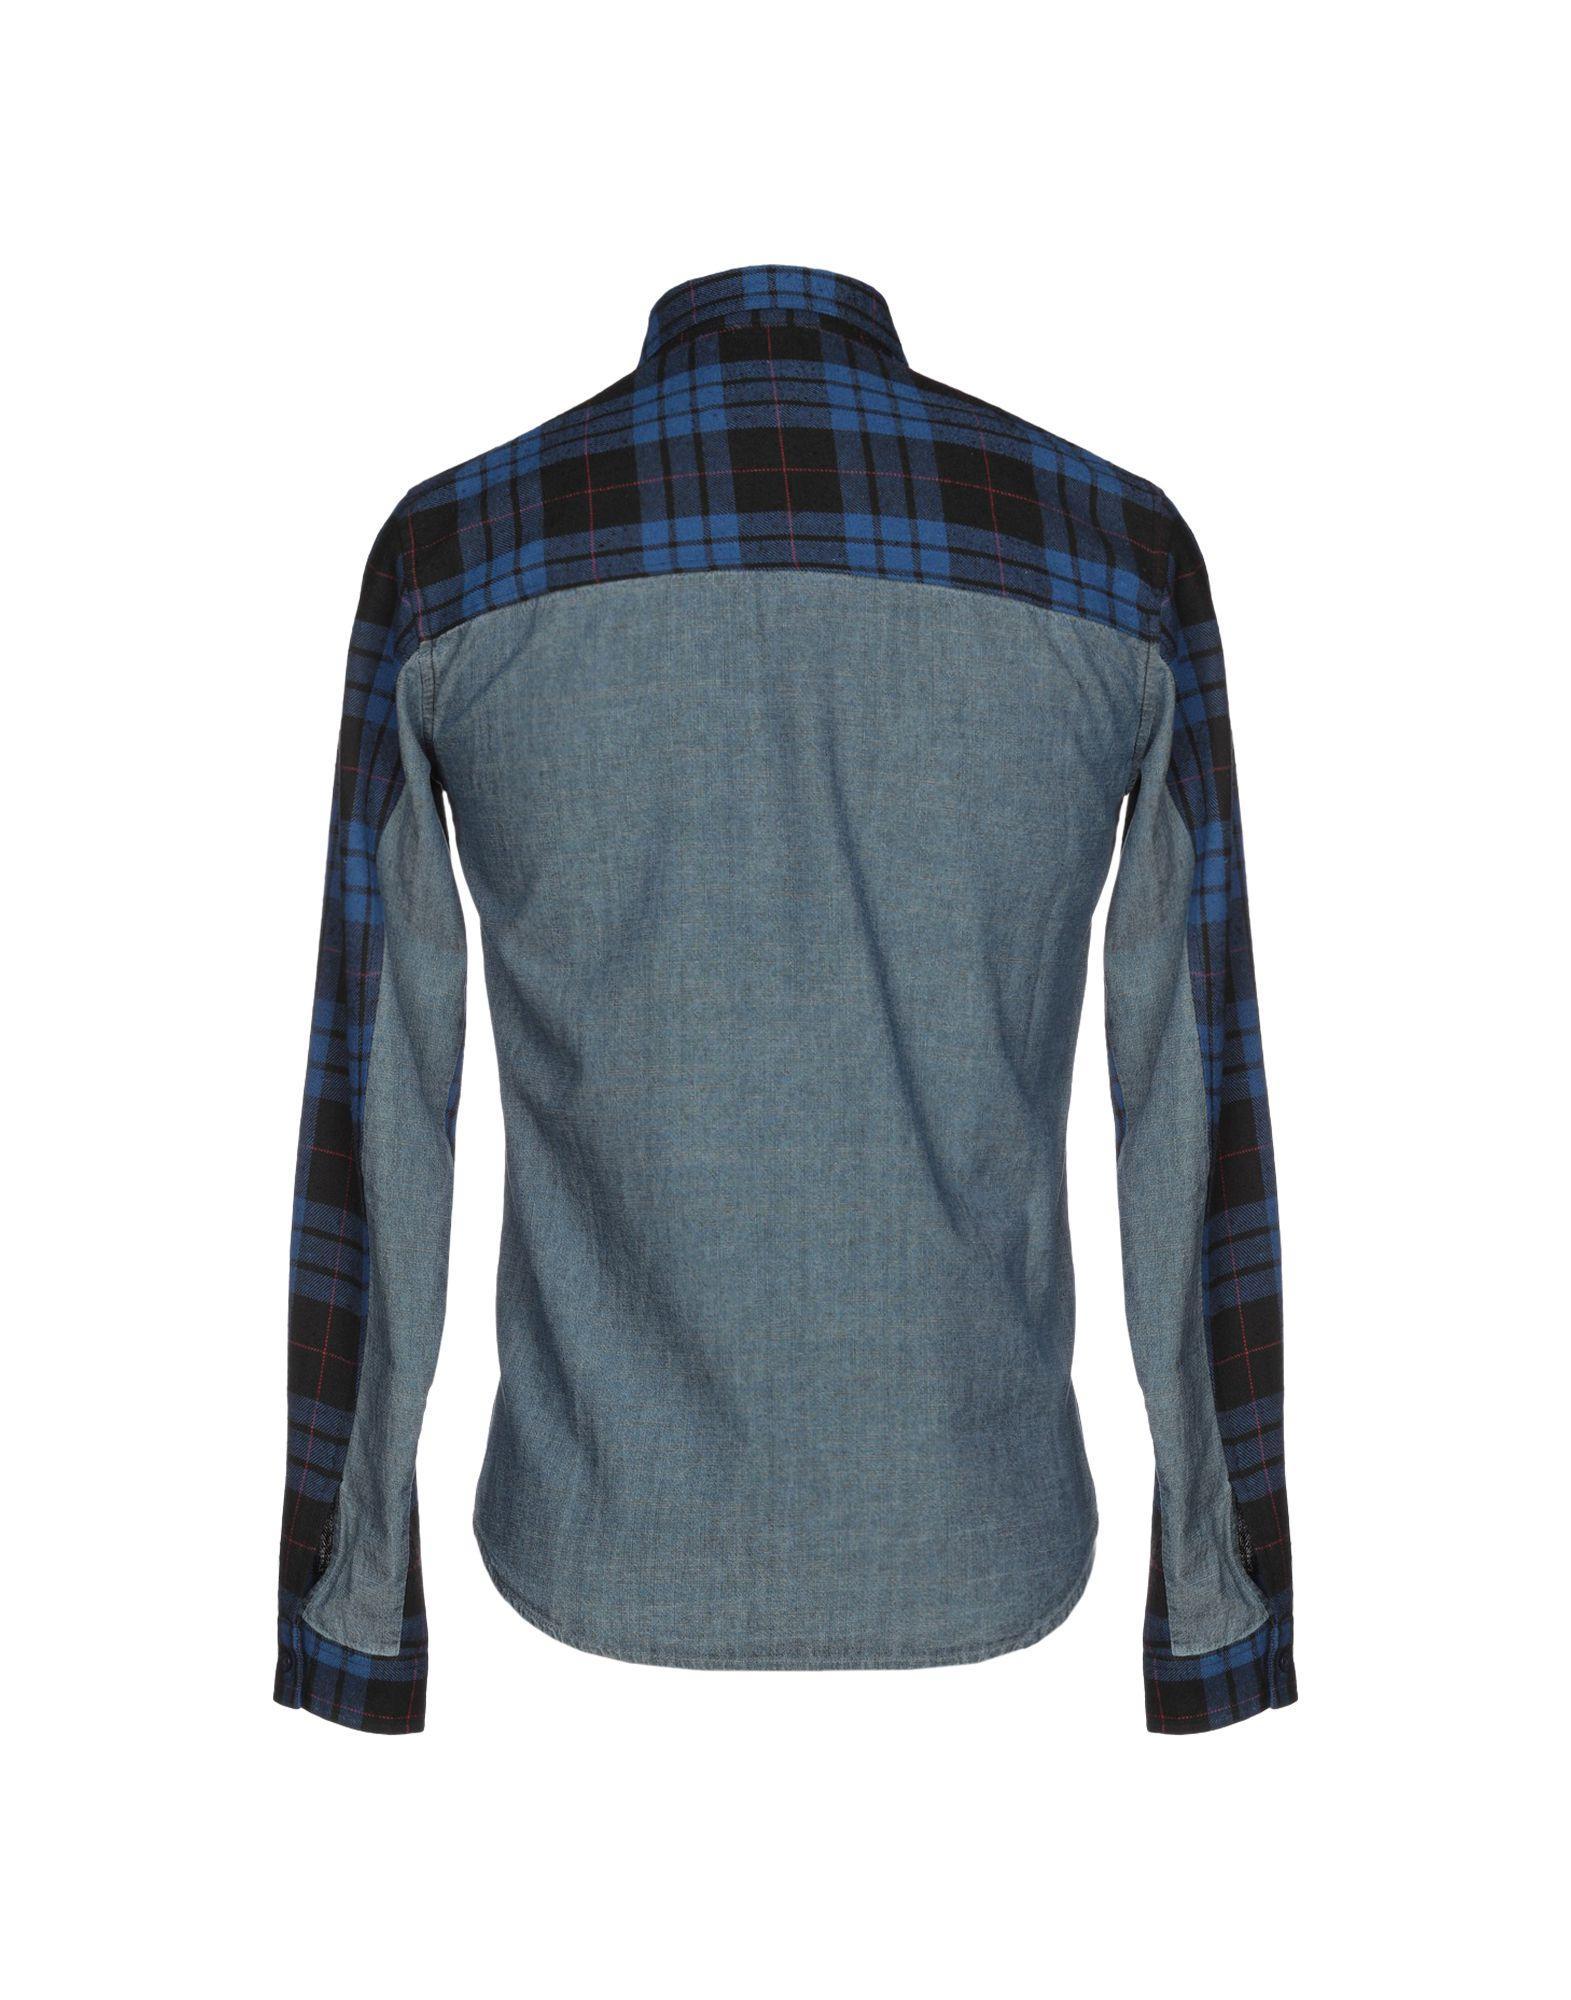 aef206184d Lyst - Supremebeing Denim Shirt in Blue for Men